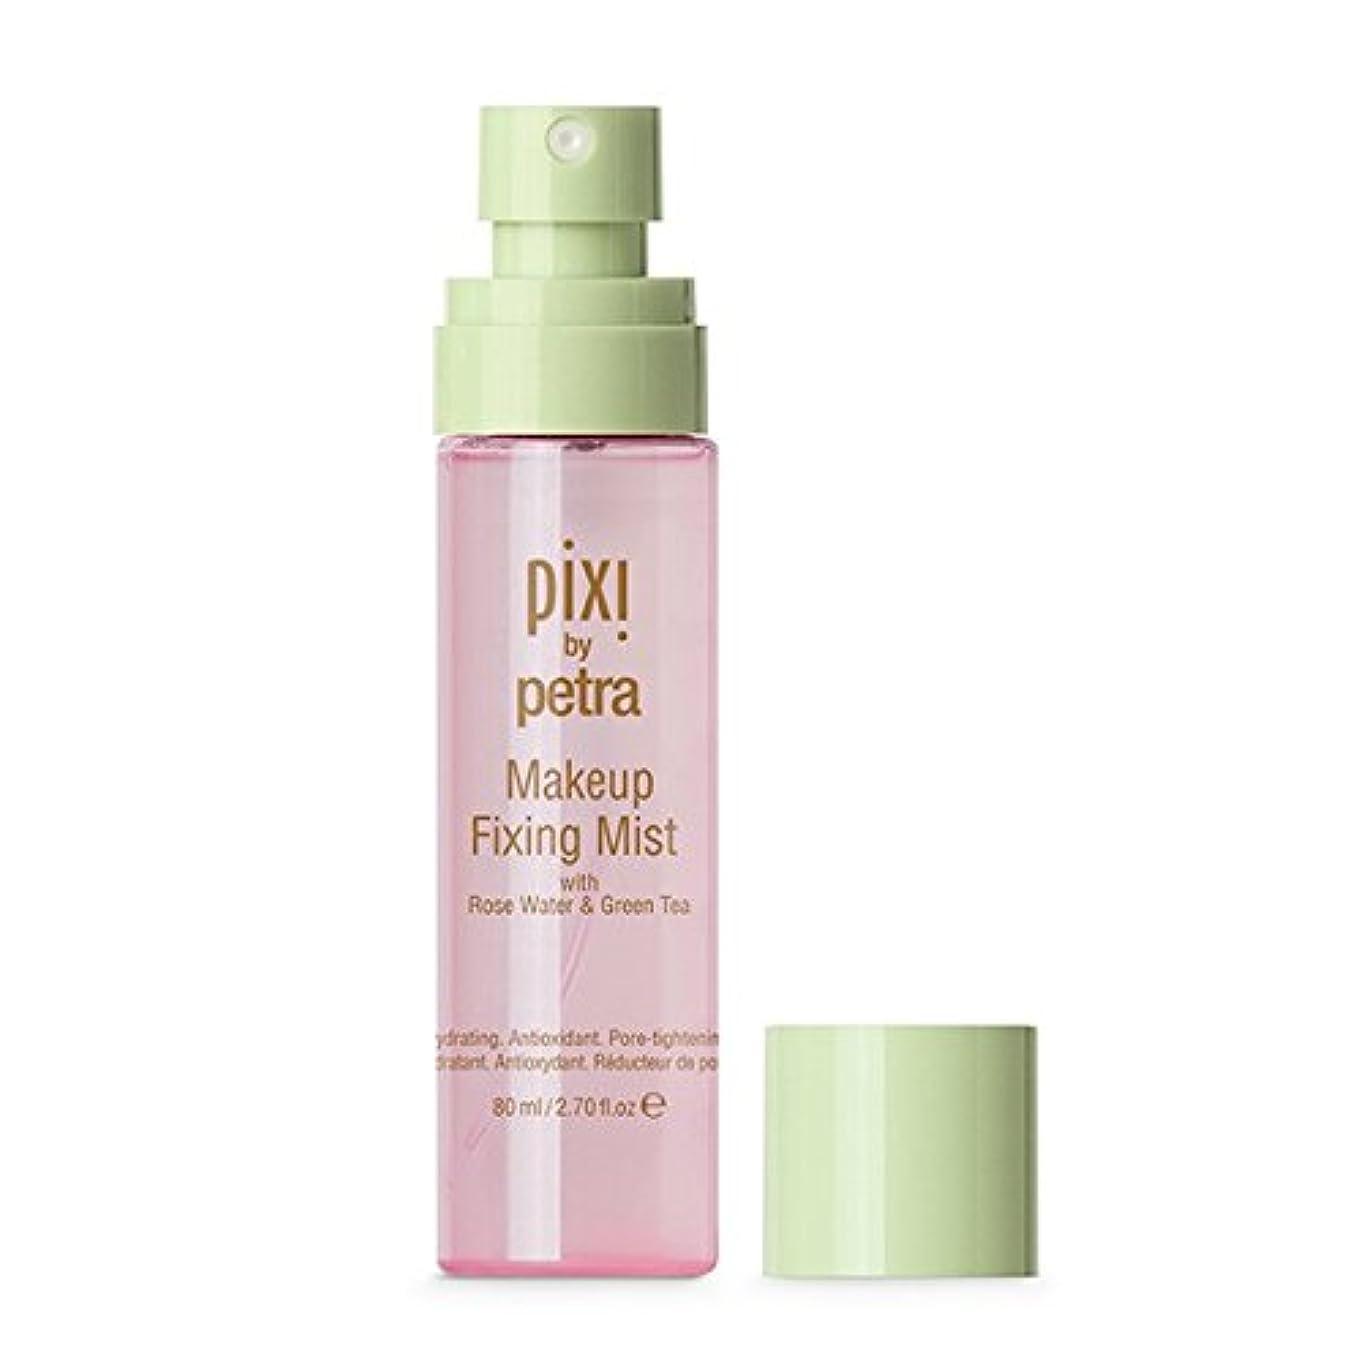 粗い人工太鼓腹Pixi Makeup Fixing Mist (並行輸入品) [並行輸入品]